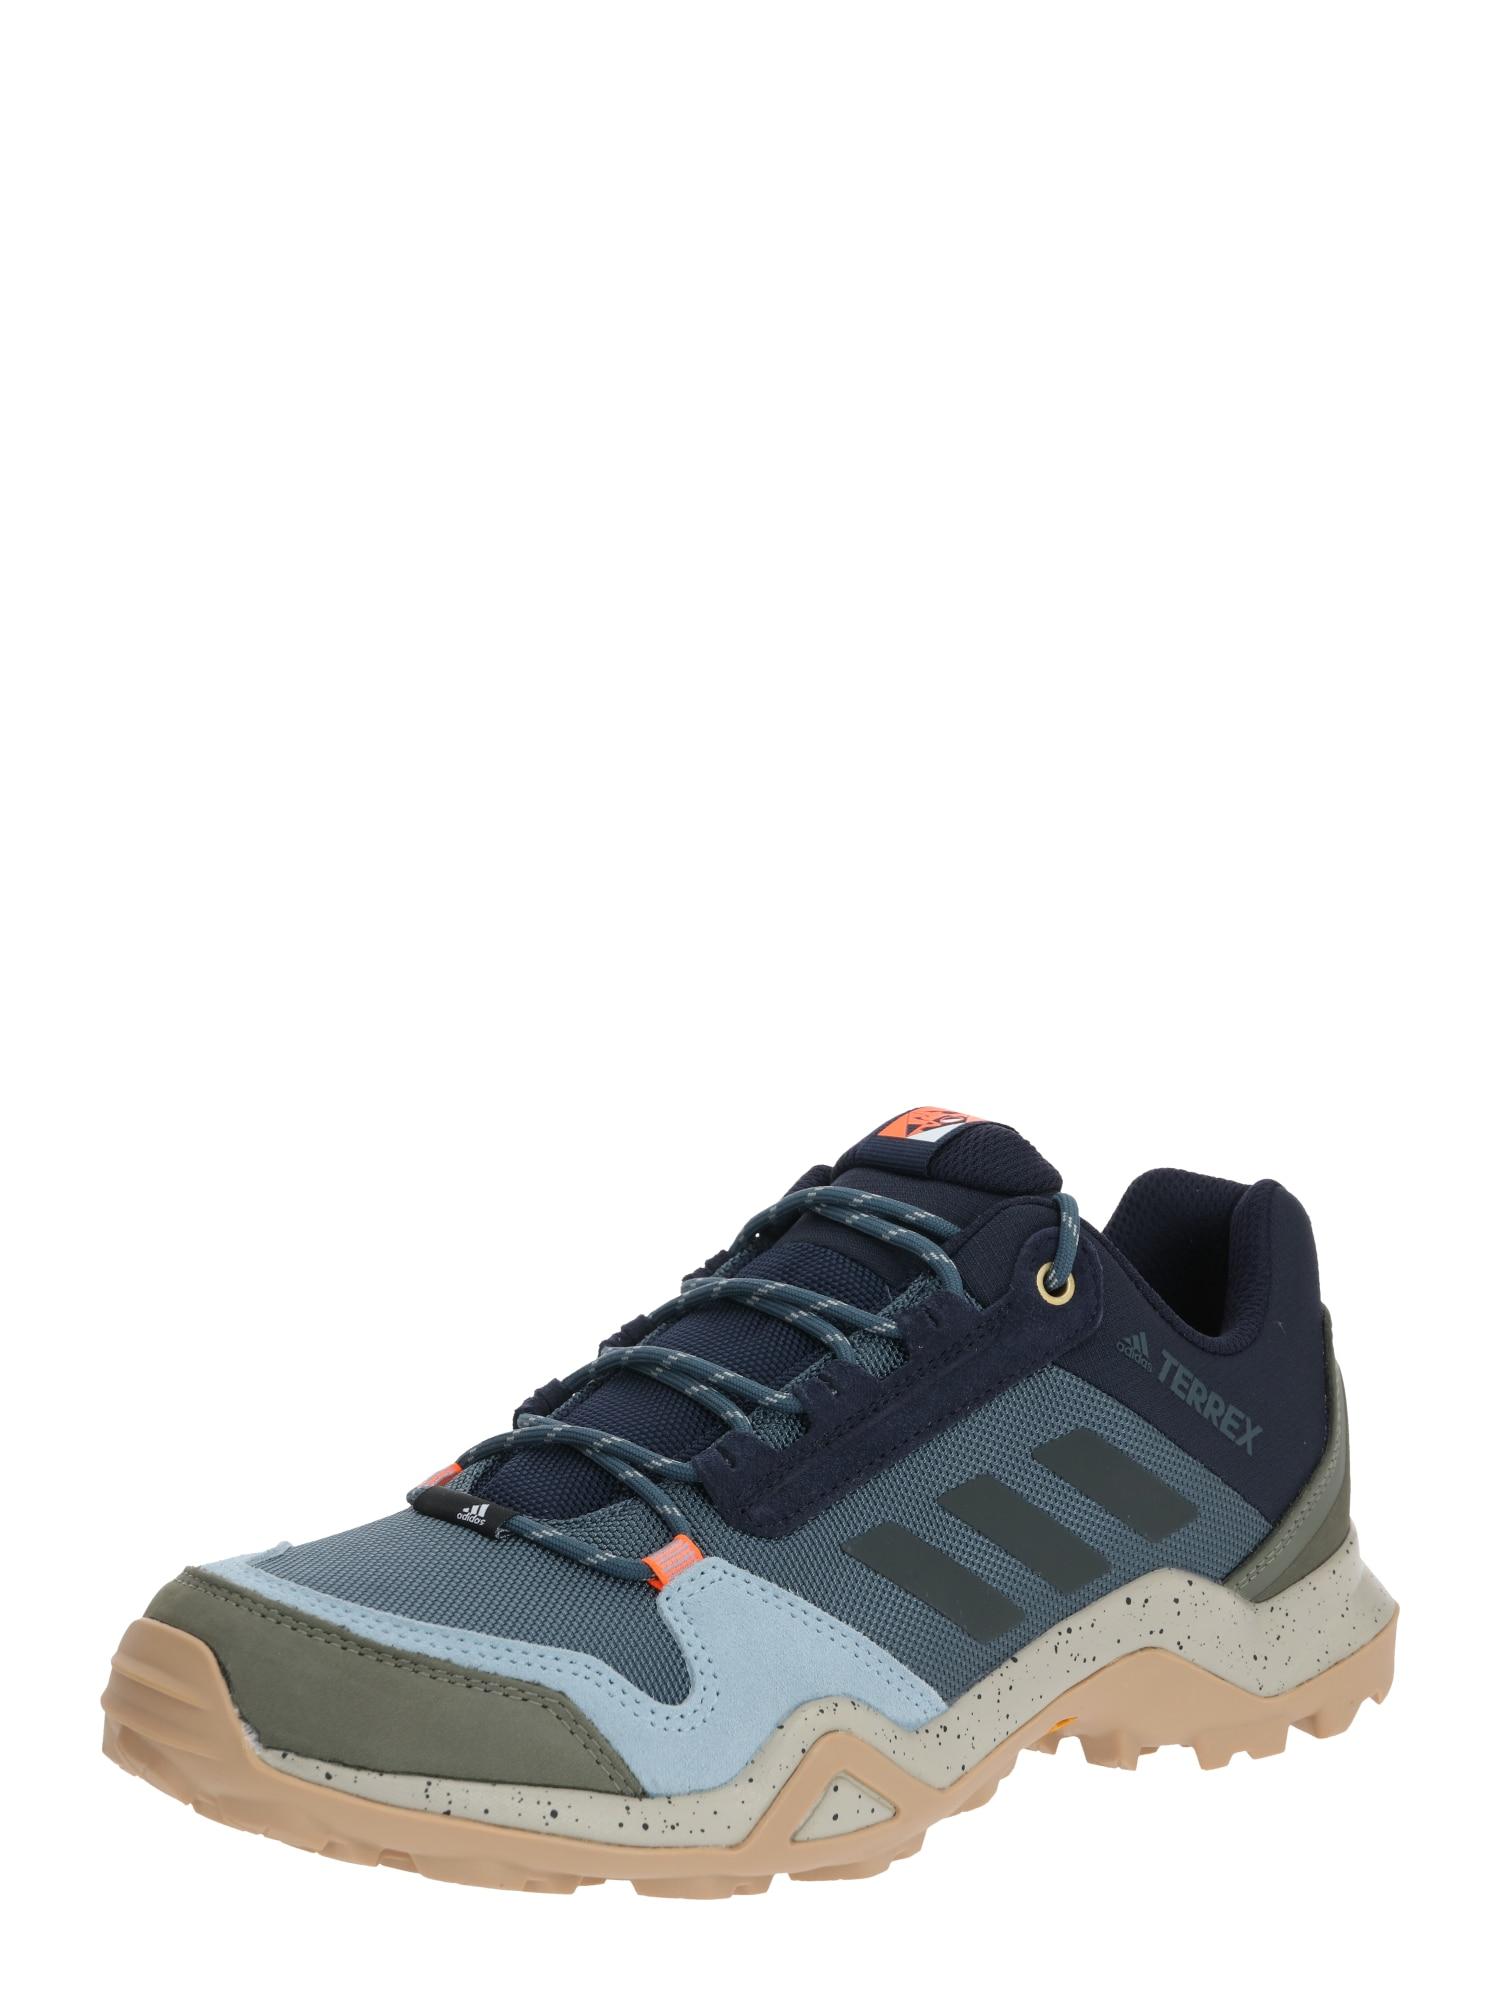 ADIDAS PERFORMANCE Bėgimo batai 'TERREX AX3 BLUE' tamsiai mėlyna / smėlio